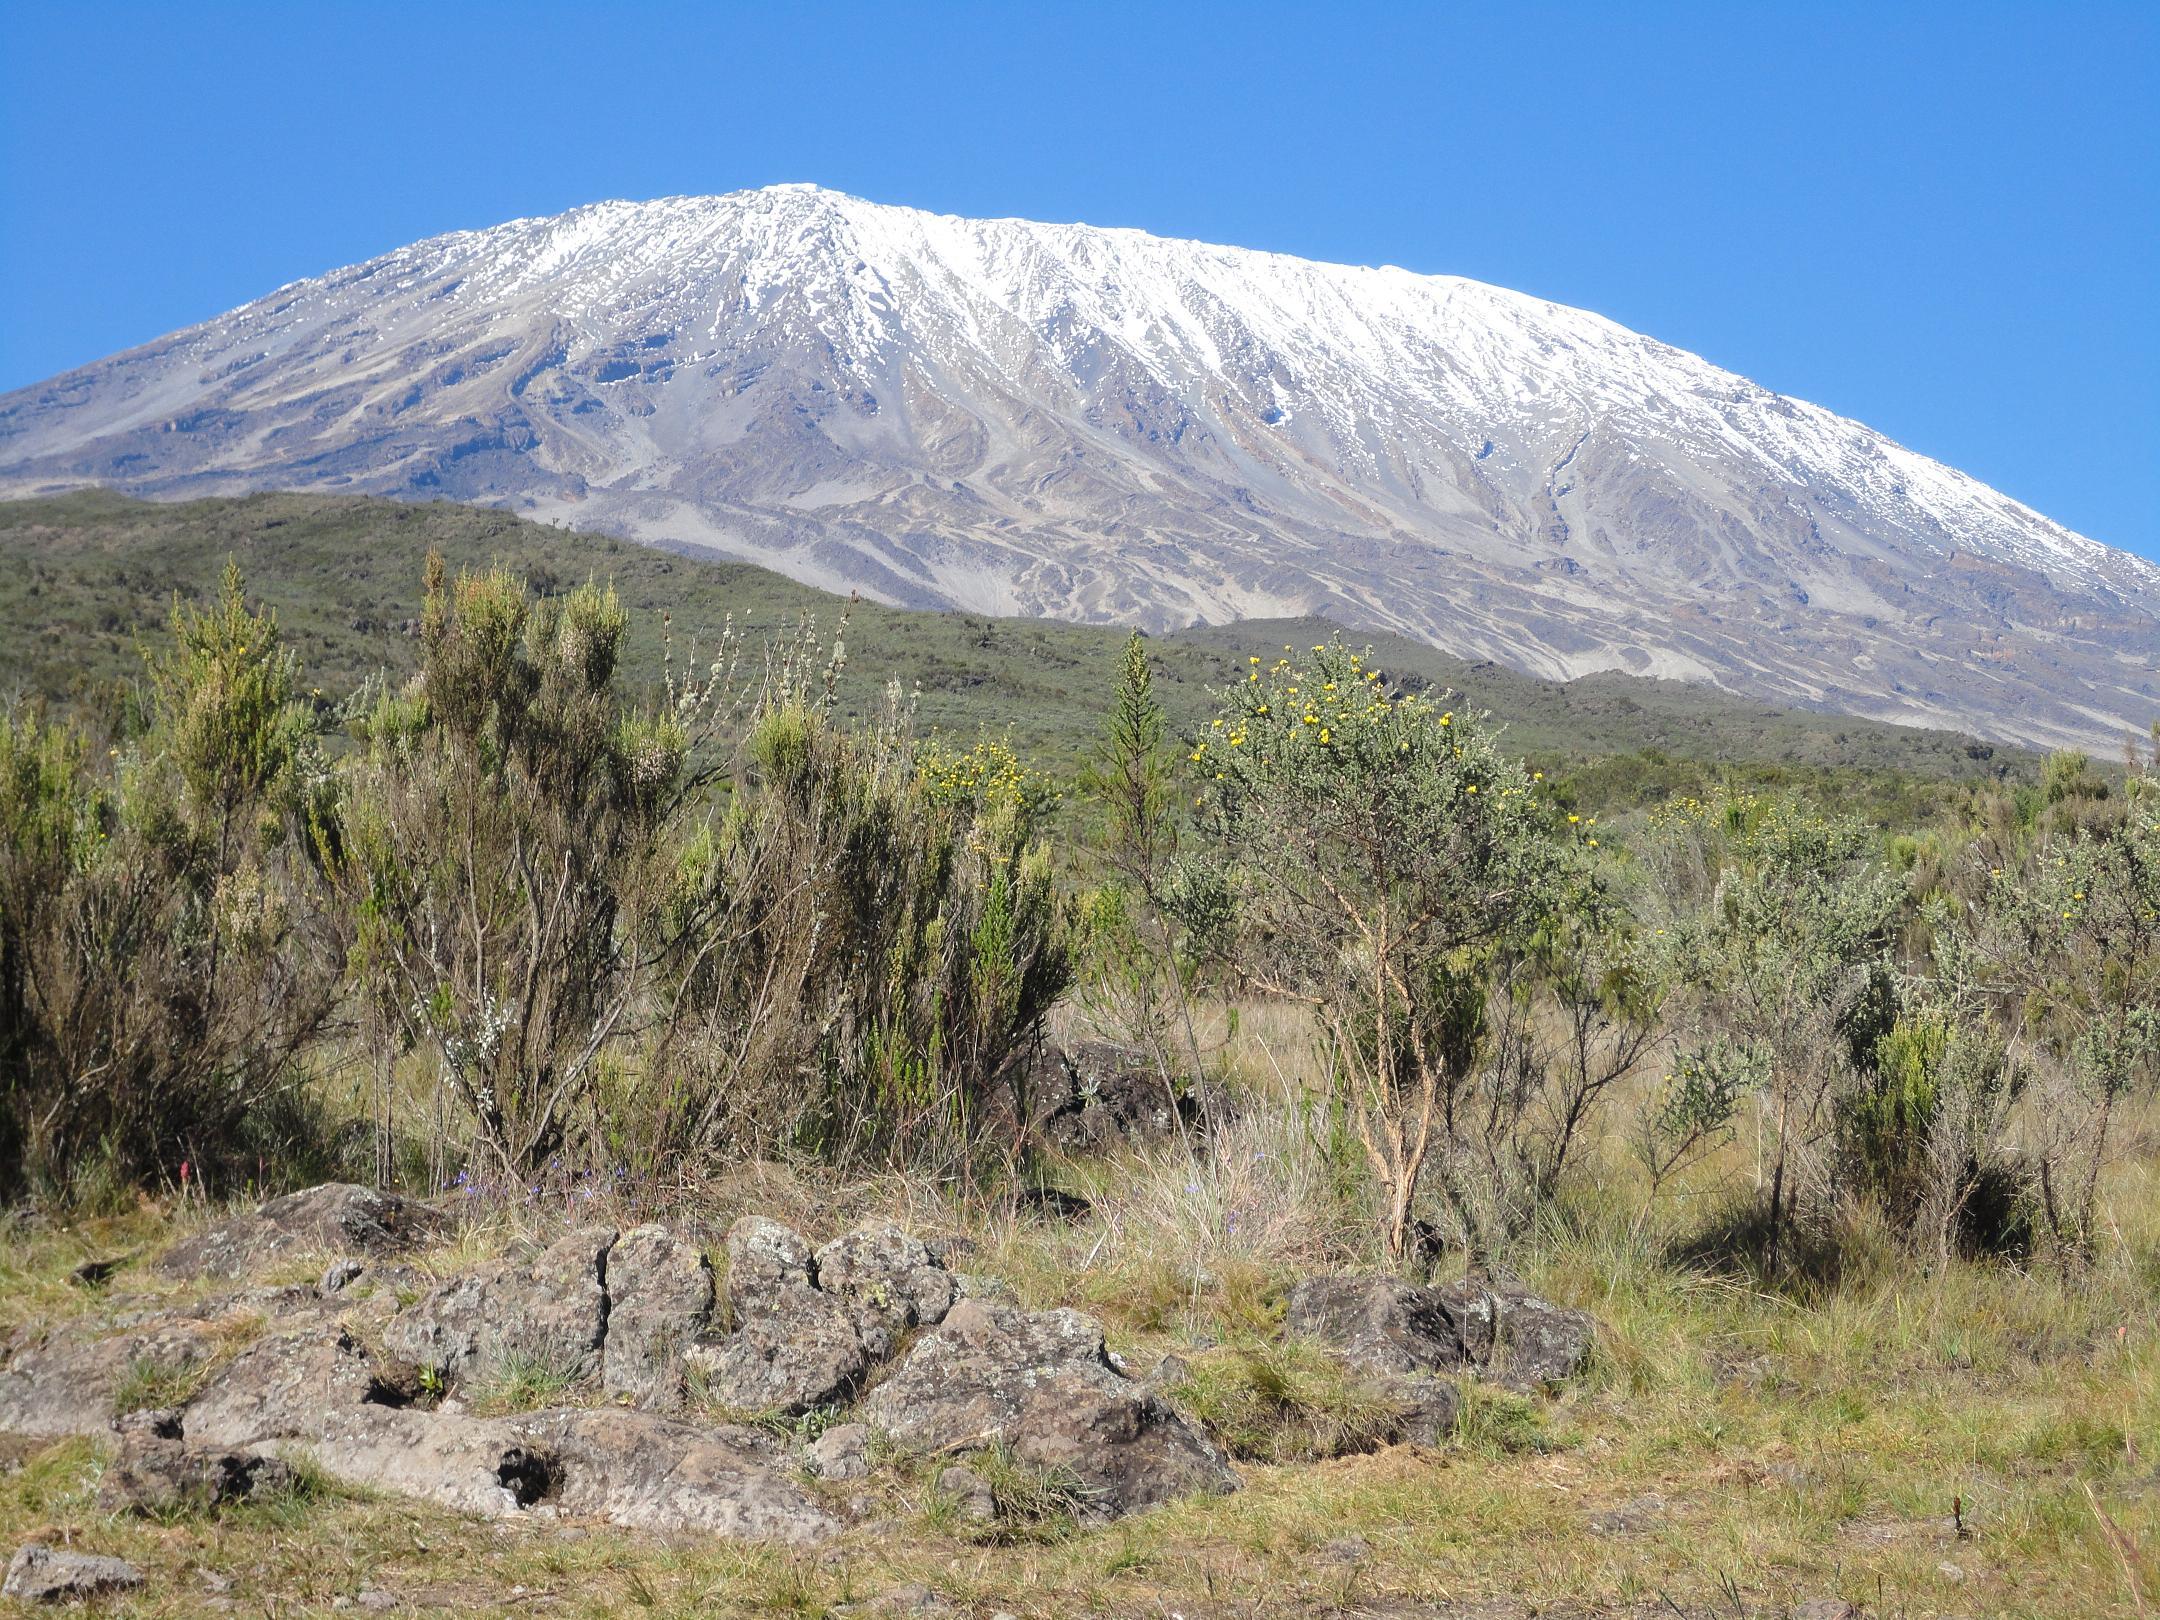 Das Ziel immer vor Augen - der Kilimanjaro (C) Privat